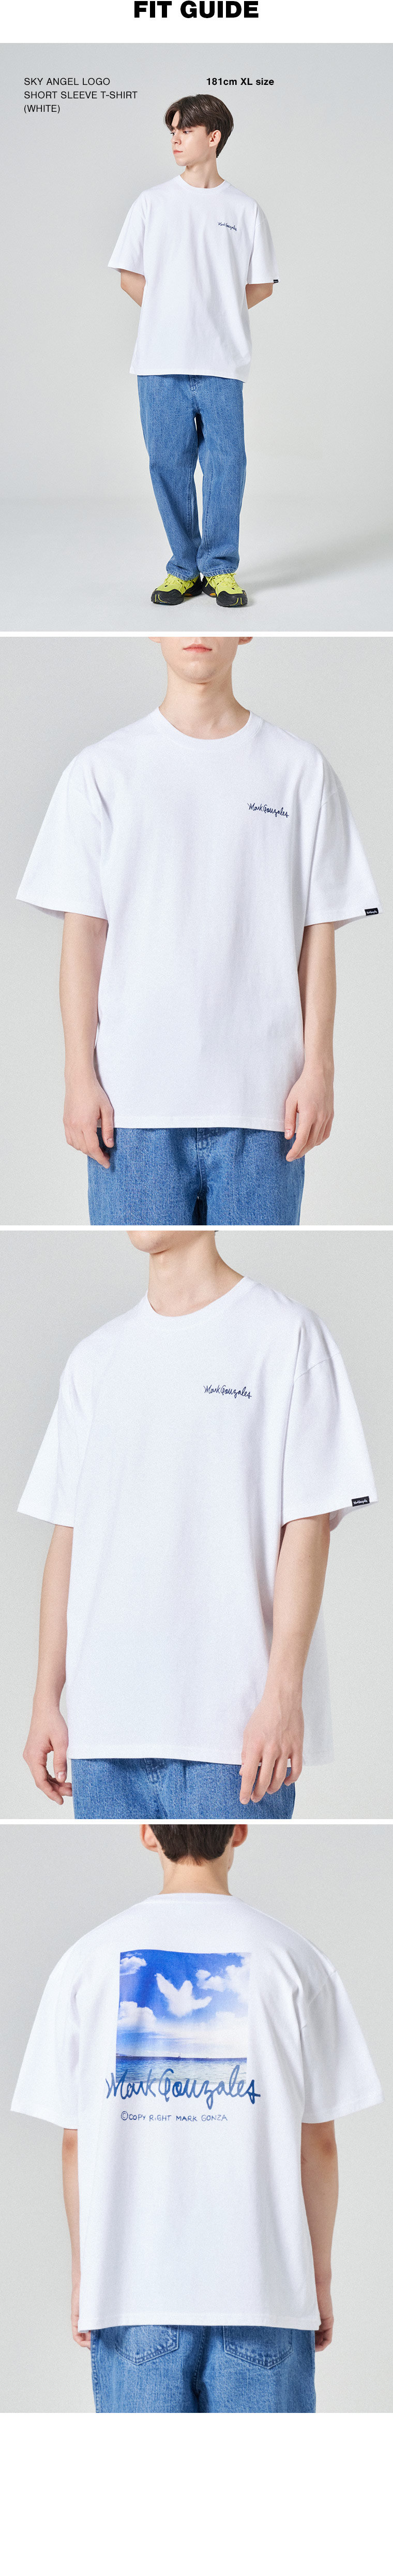 마크 곤잘레스(MARK GONZALES) 스카이 엔젤 로고 반팔 티셔츠 화이트